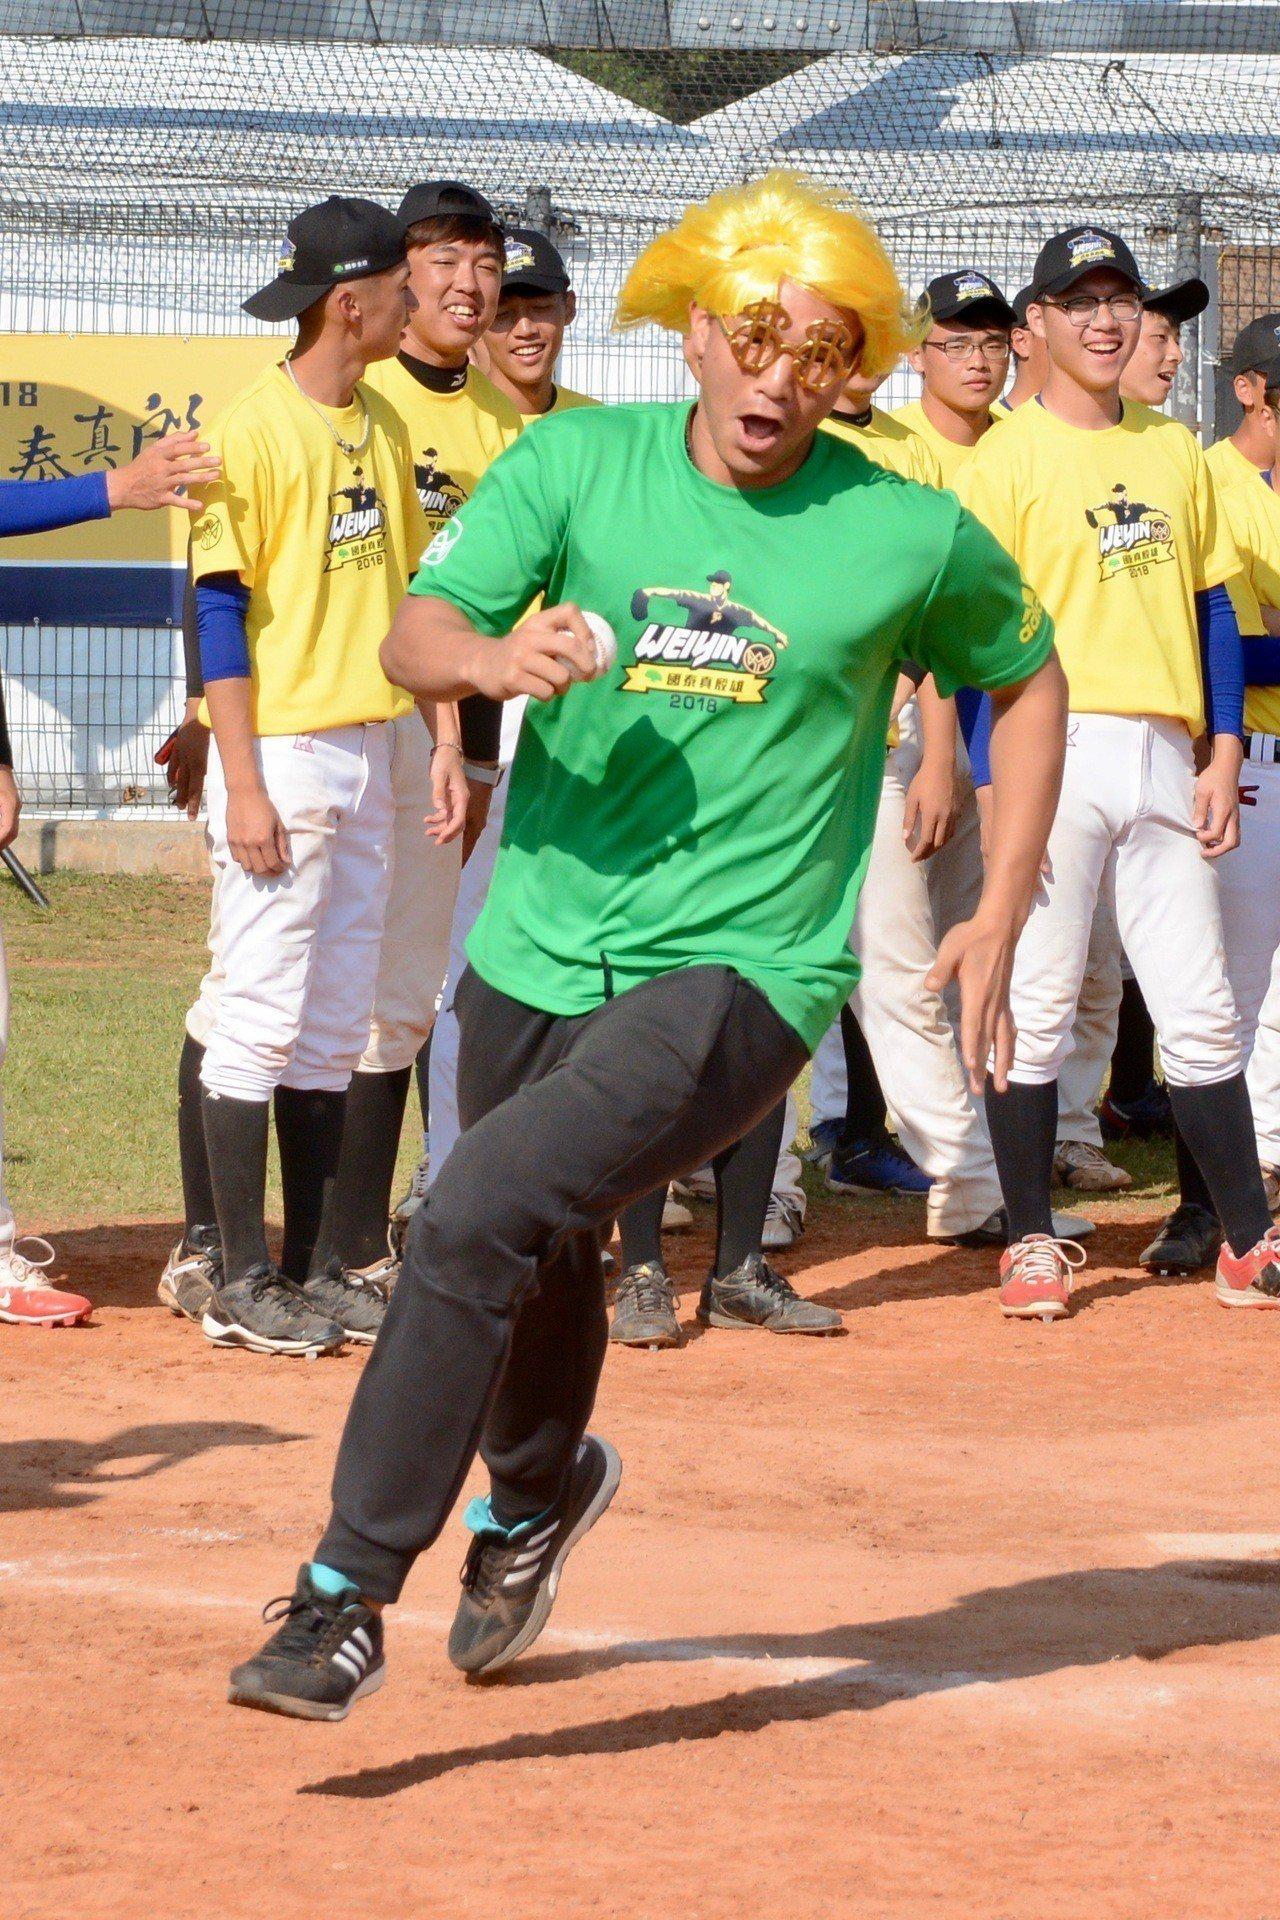 陳偉殷棒球訓練營舉行變裝跑壘大賽,曾仁和戴上假髮跑壘。記者蘇志畬/攝影